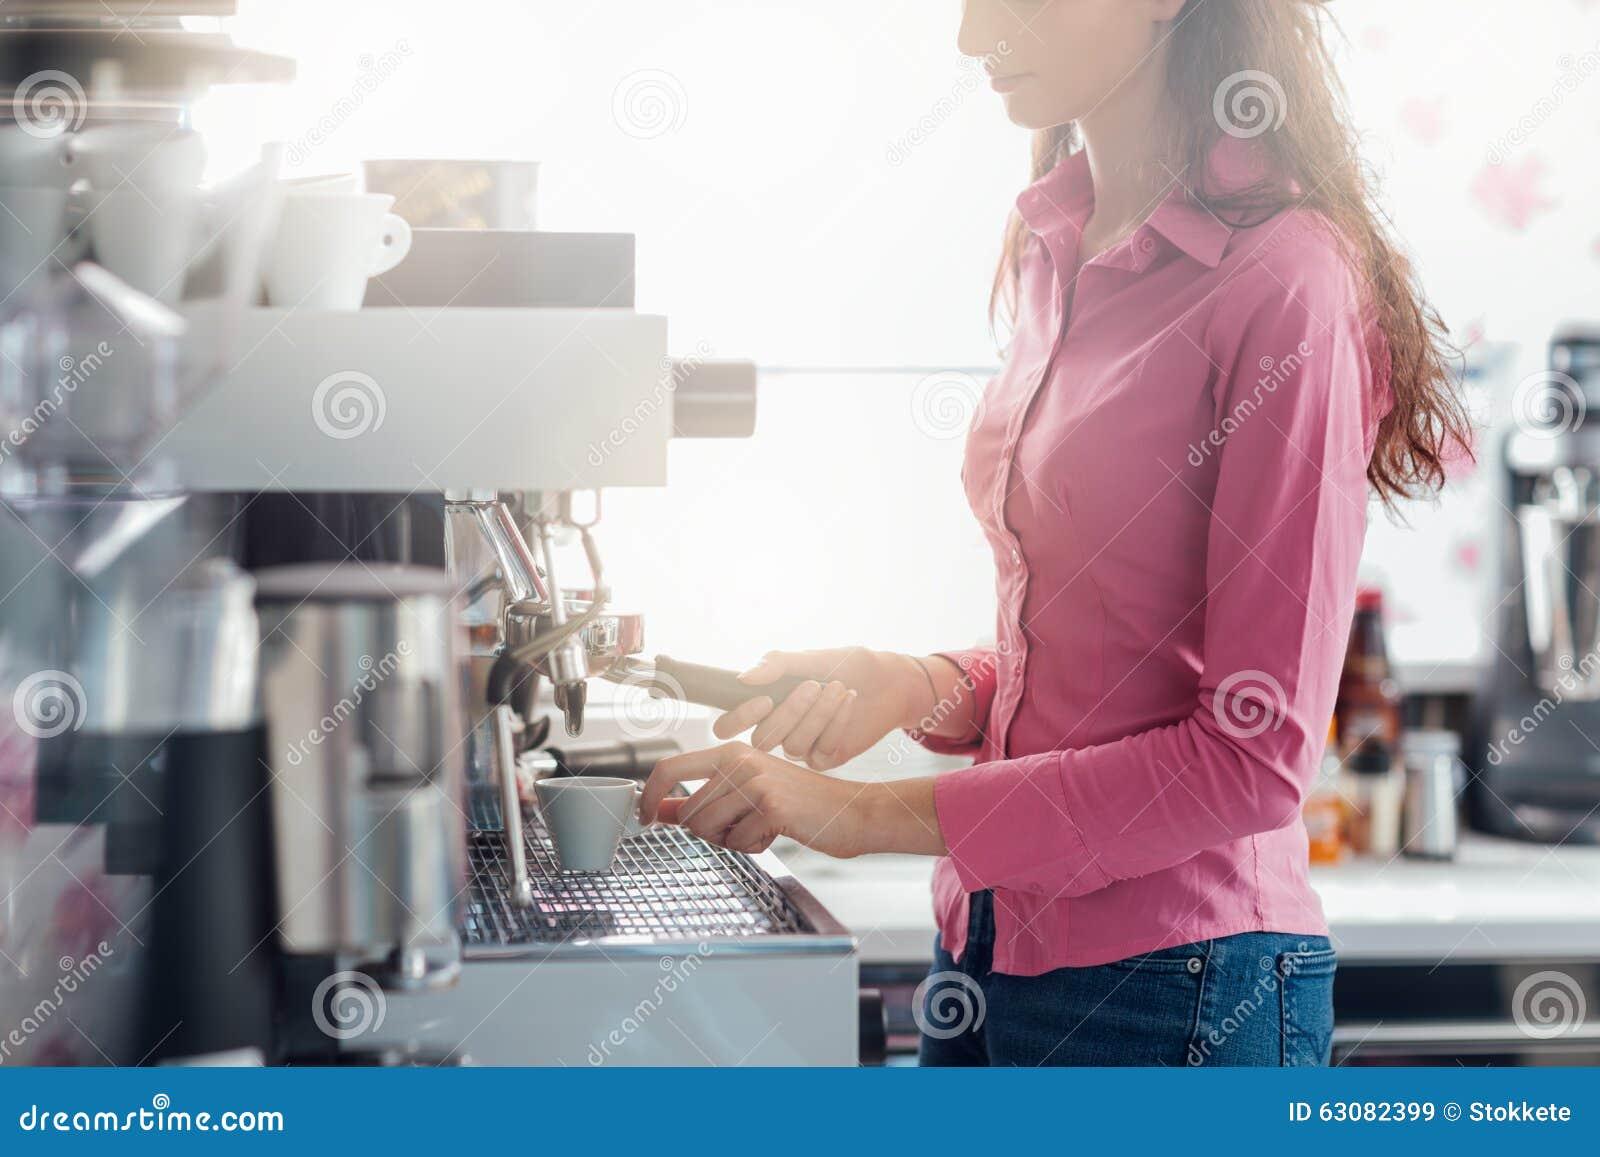 Download Serveuse faisant le café image stock. Image du chemise - 63082399